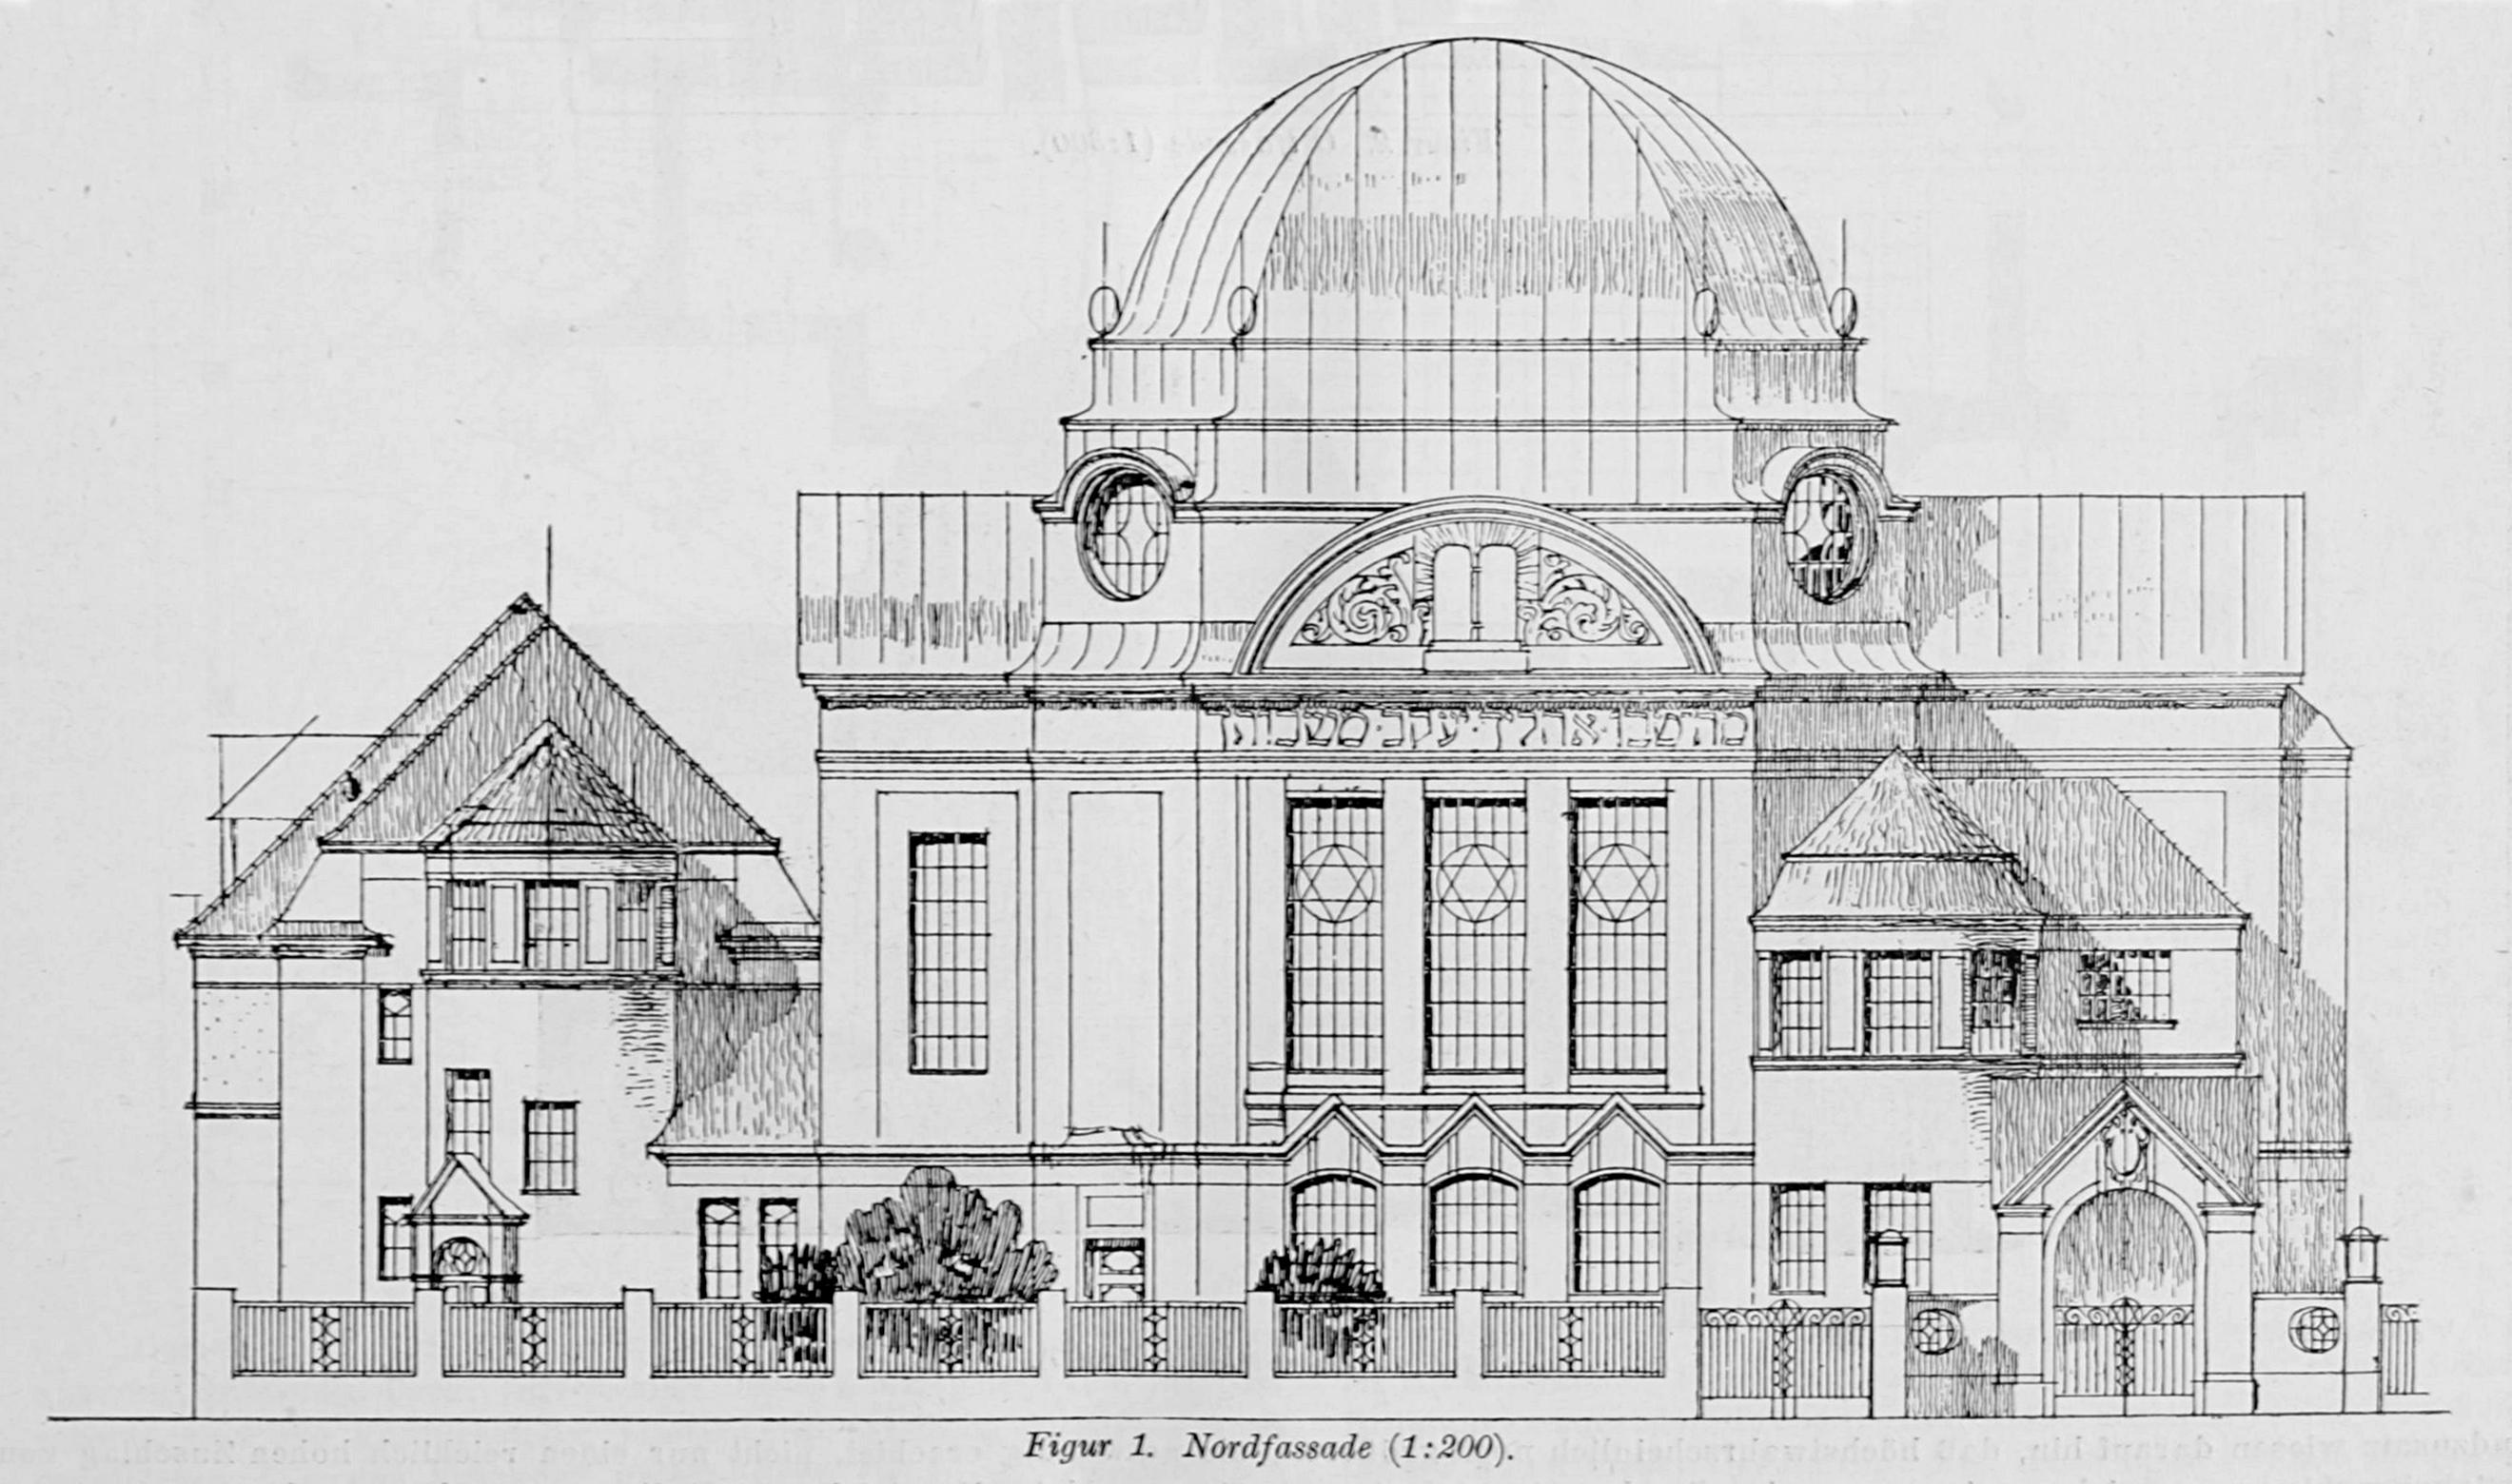 Datei:Synagogue St. Pölten, architectural drawing.jpg